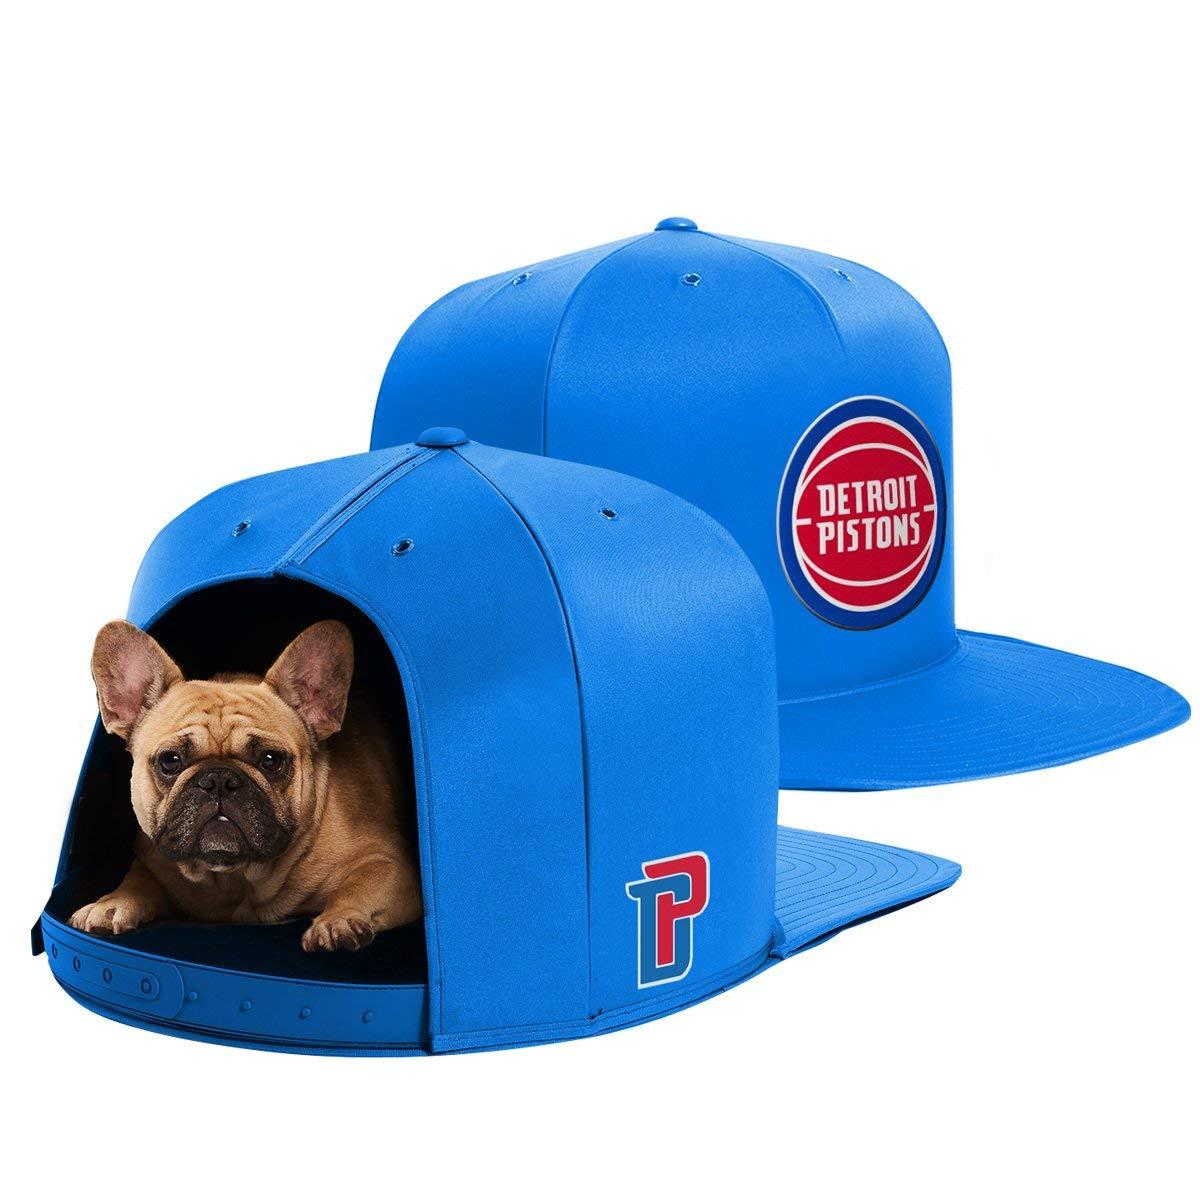 NAP CAP NBA Detroit Pistons Team Indoor Pet Bed, Blue (Medium)